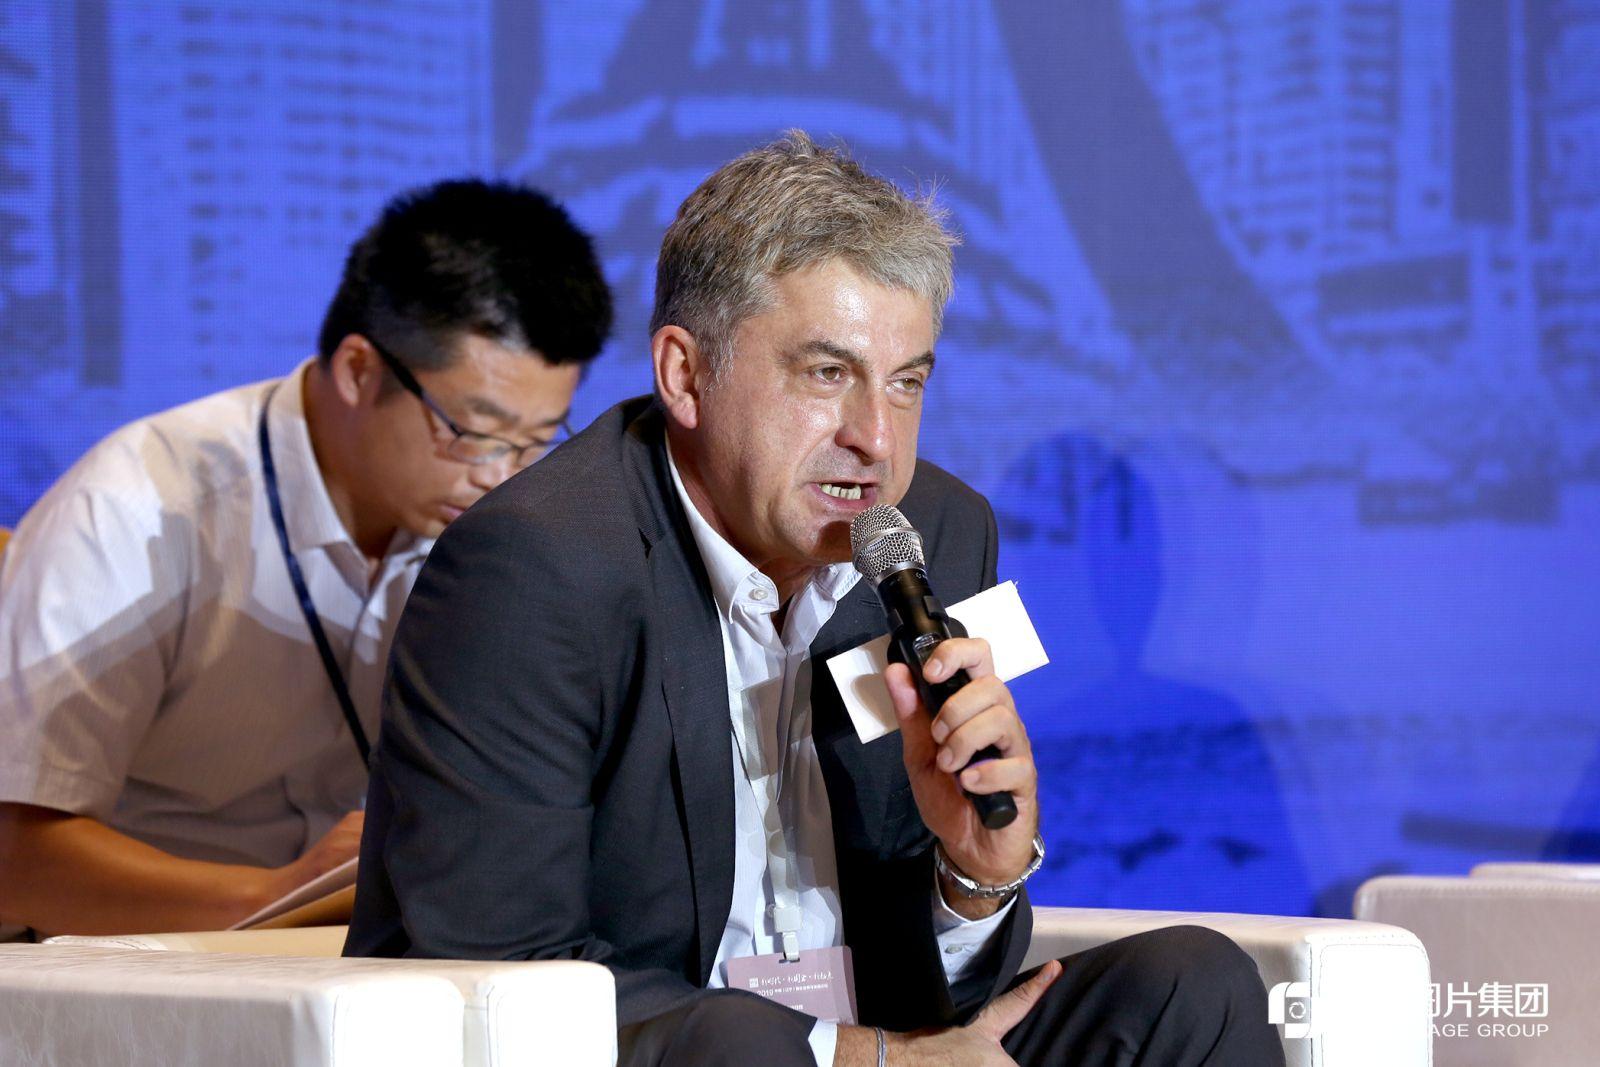 圆桌对话现场,上海申克机械有限公司总裁兼首席执行官彼得发言。